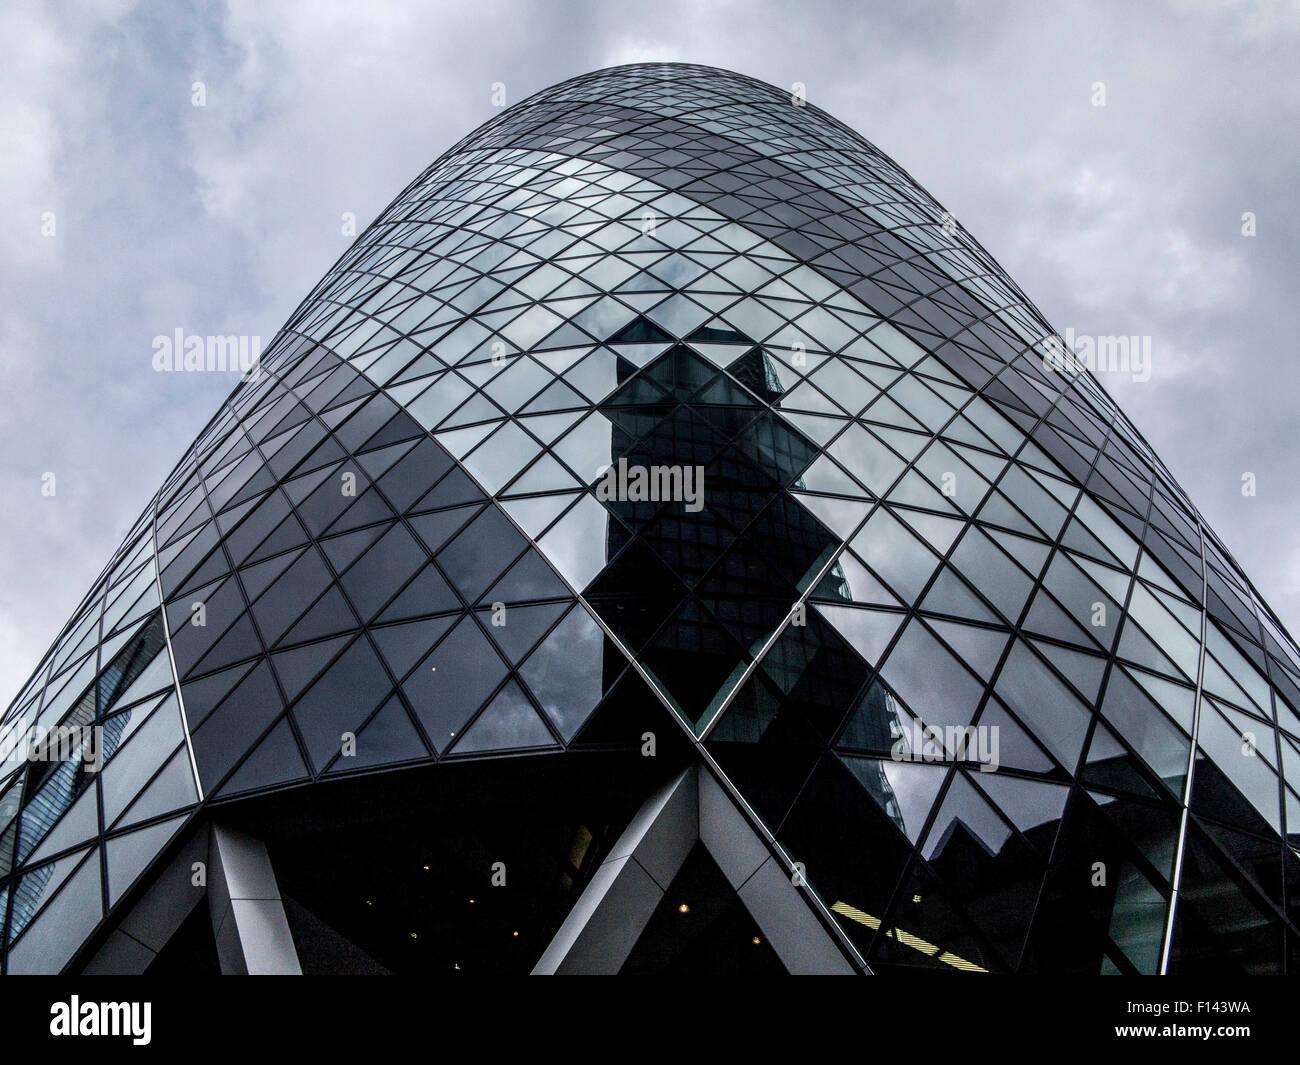 Ciel orageux et orageux sur les marchés le Gherkin et la ville de London financial district Photo Stock